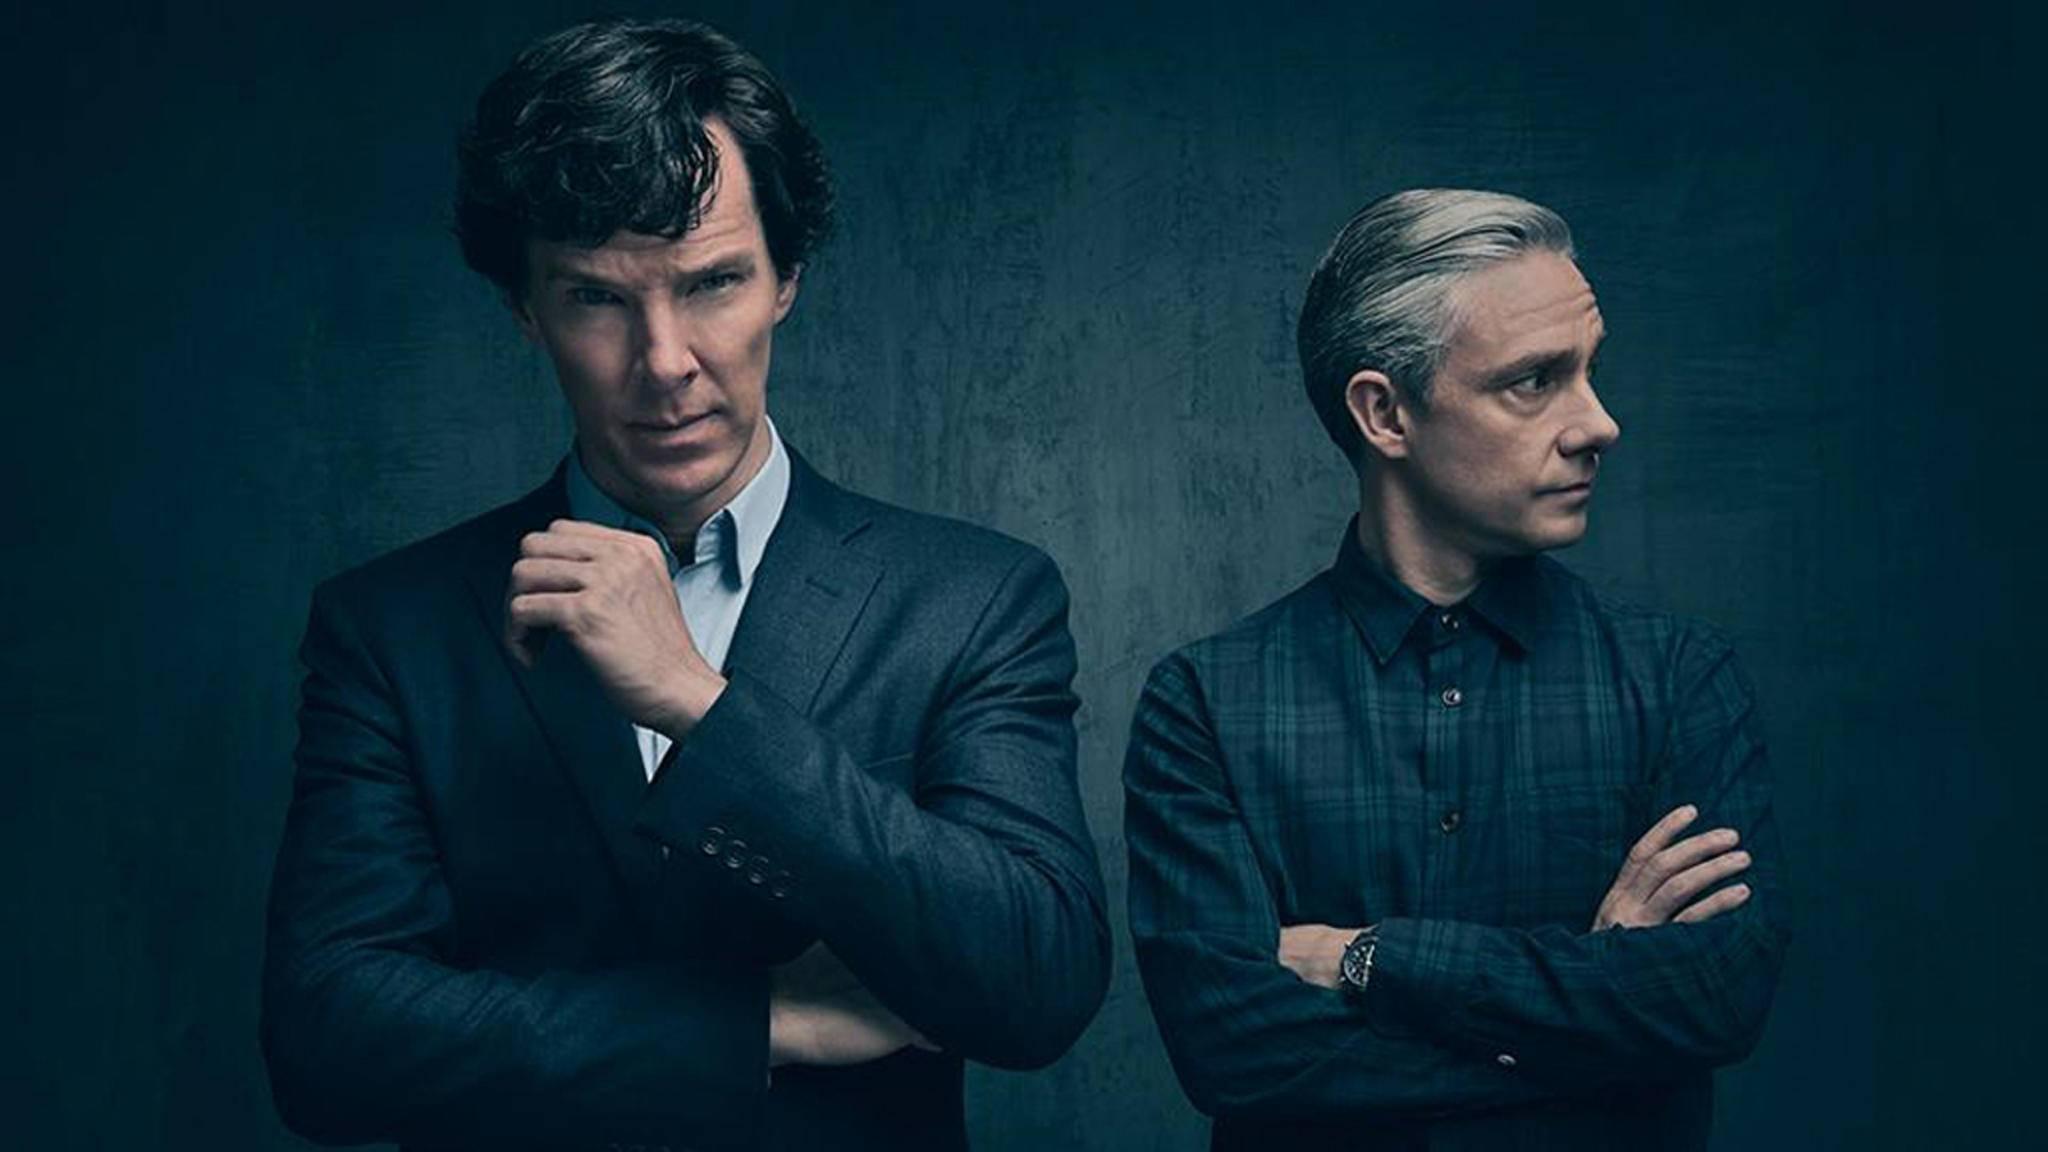 Die große Frage steht weiterhin im Raum: Gibt es eine Zukunft für Sherlock und Watson im Fernsehen?